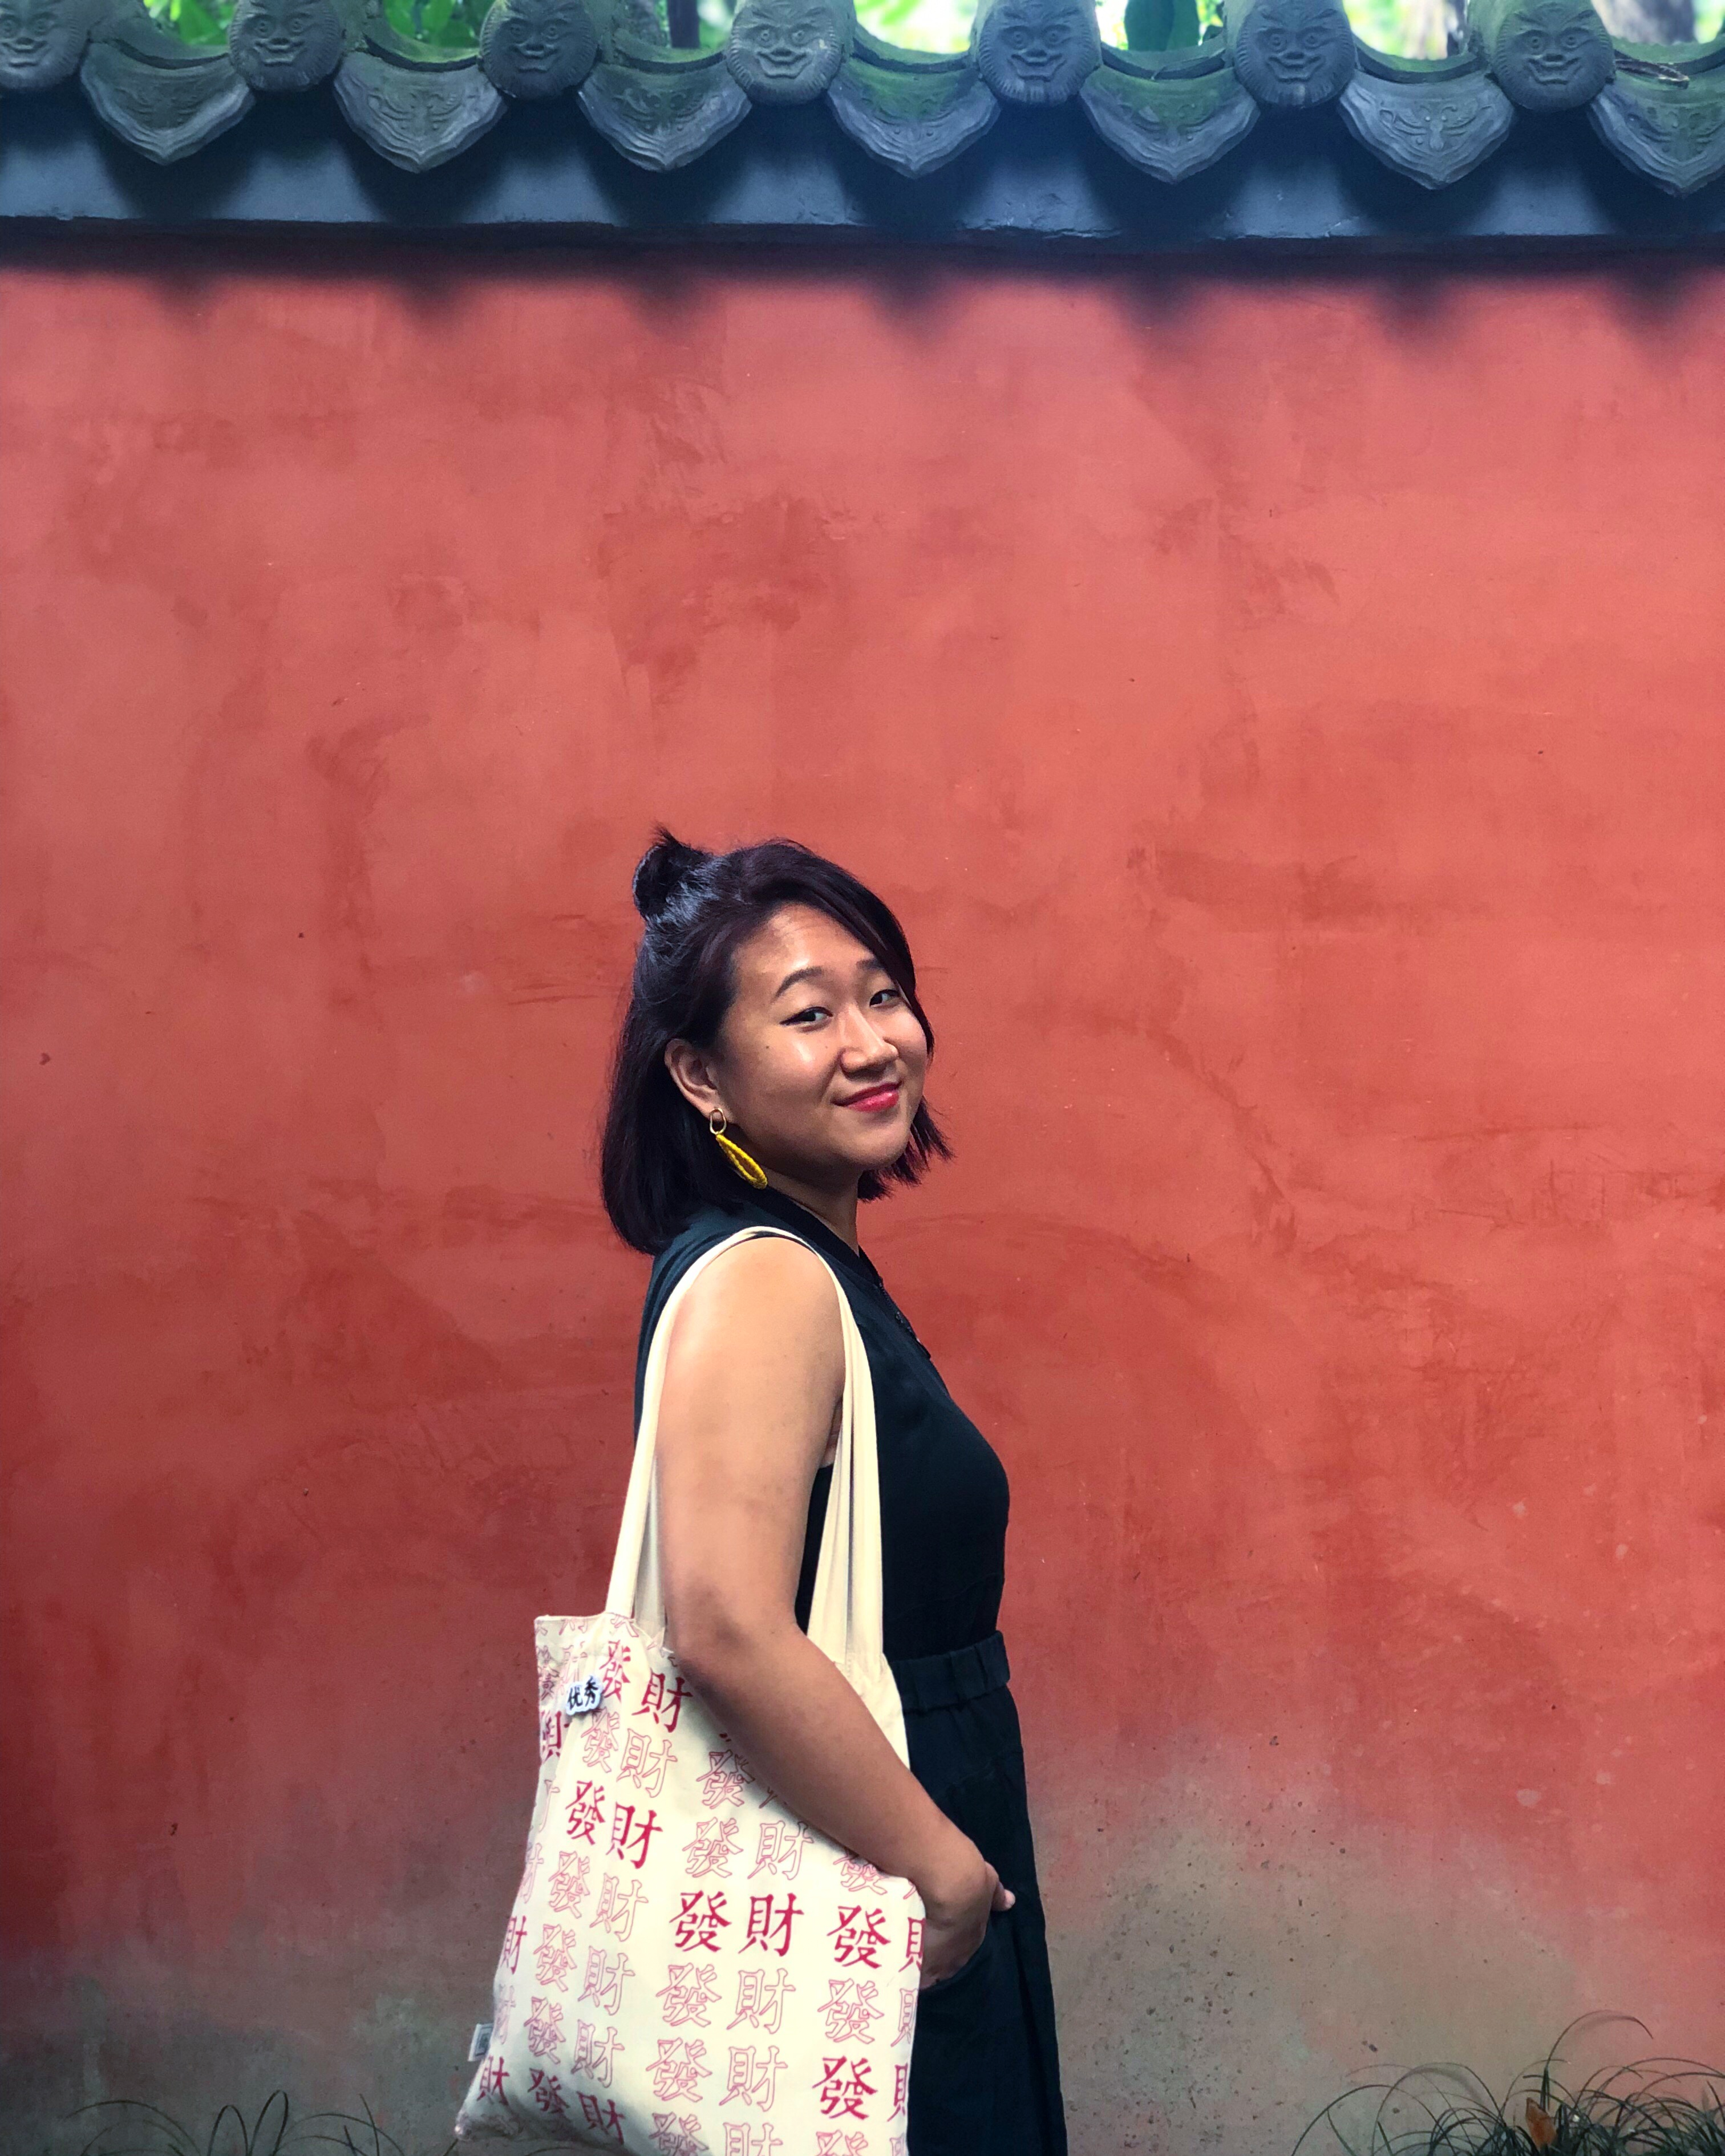 MALD student Victoria